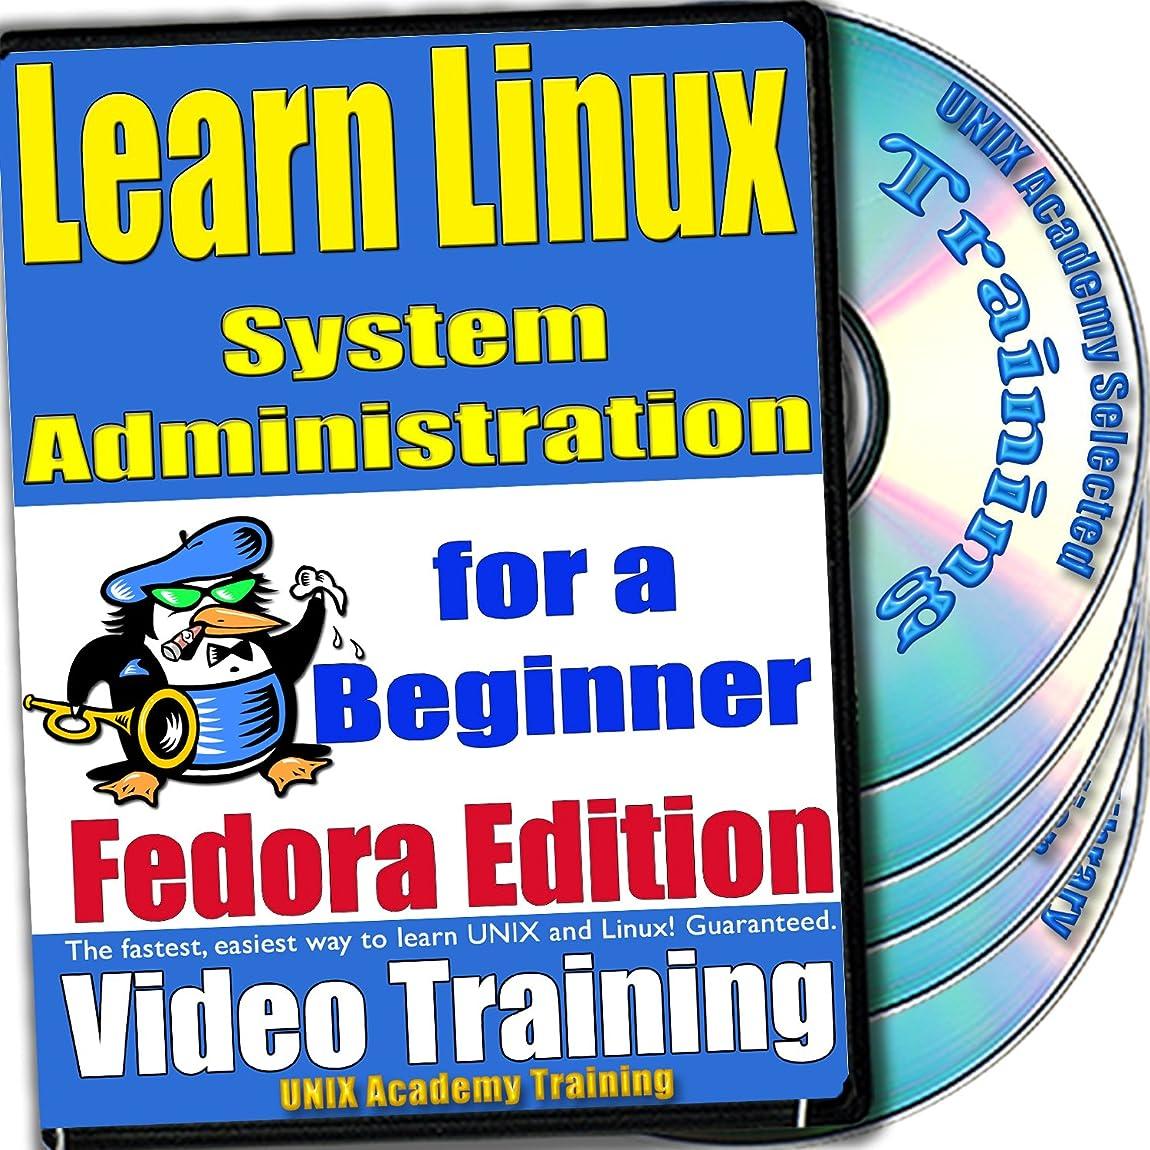 木材読みやすさ形Linuxのシステム管理。初級ビデオトレーニングおよび認定試験、英語でFedoraのバージョン。 4 -DVDセット